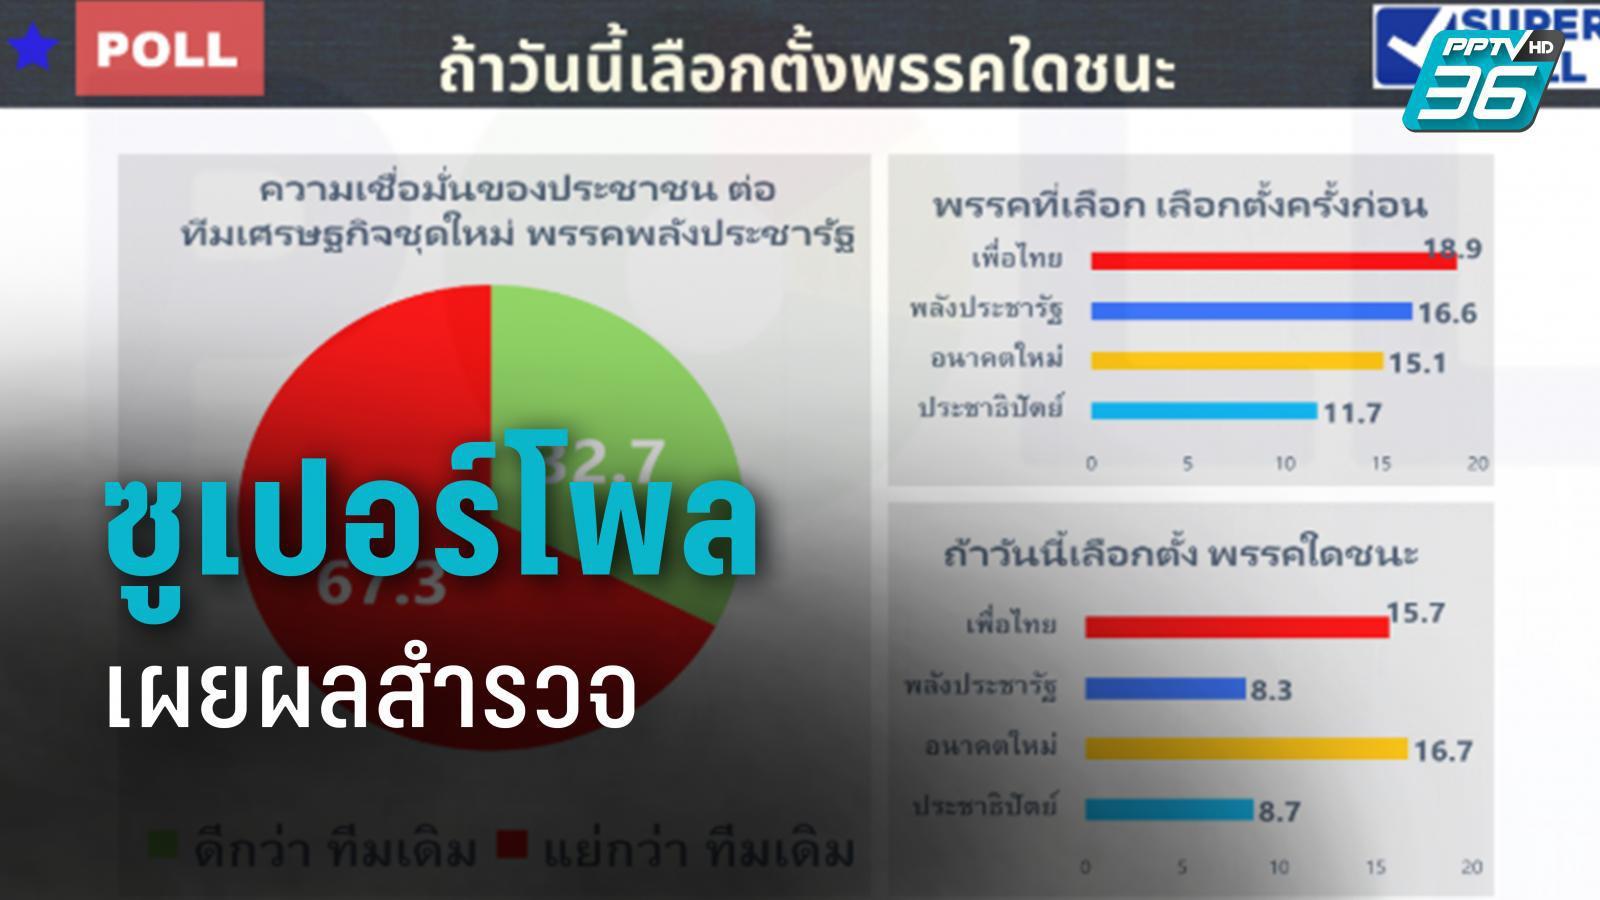 """ซูเปอร์โพล เผยความนิยม """"พรรคก้าวไกล"""" เพิ่ม เพื่อไทย-ปชป.-พลังประชารัฐ ลดลง"""